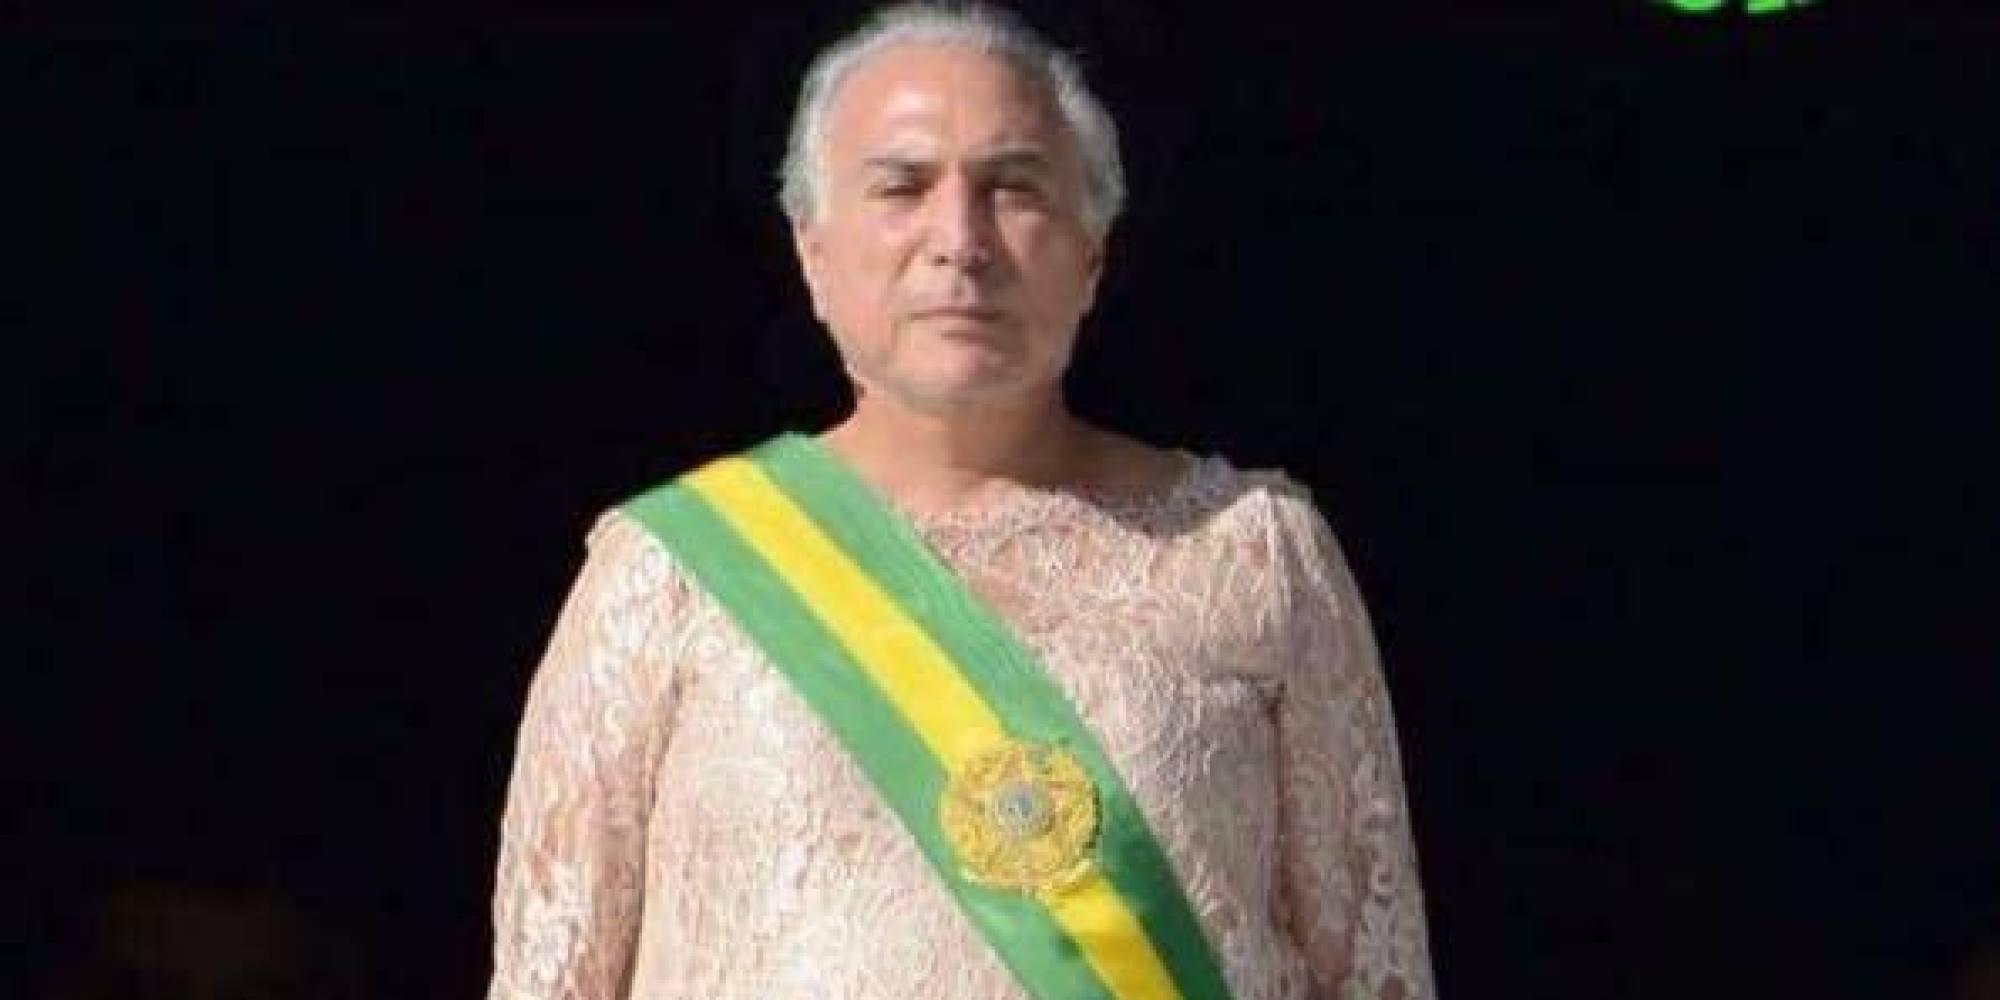 rejeitado Temer invade os lares brasileiros para desejar um feliz  #B6A316 2000x1000 Balança Banheiro Boa